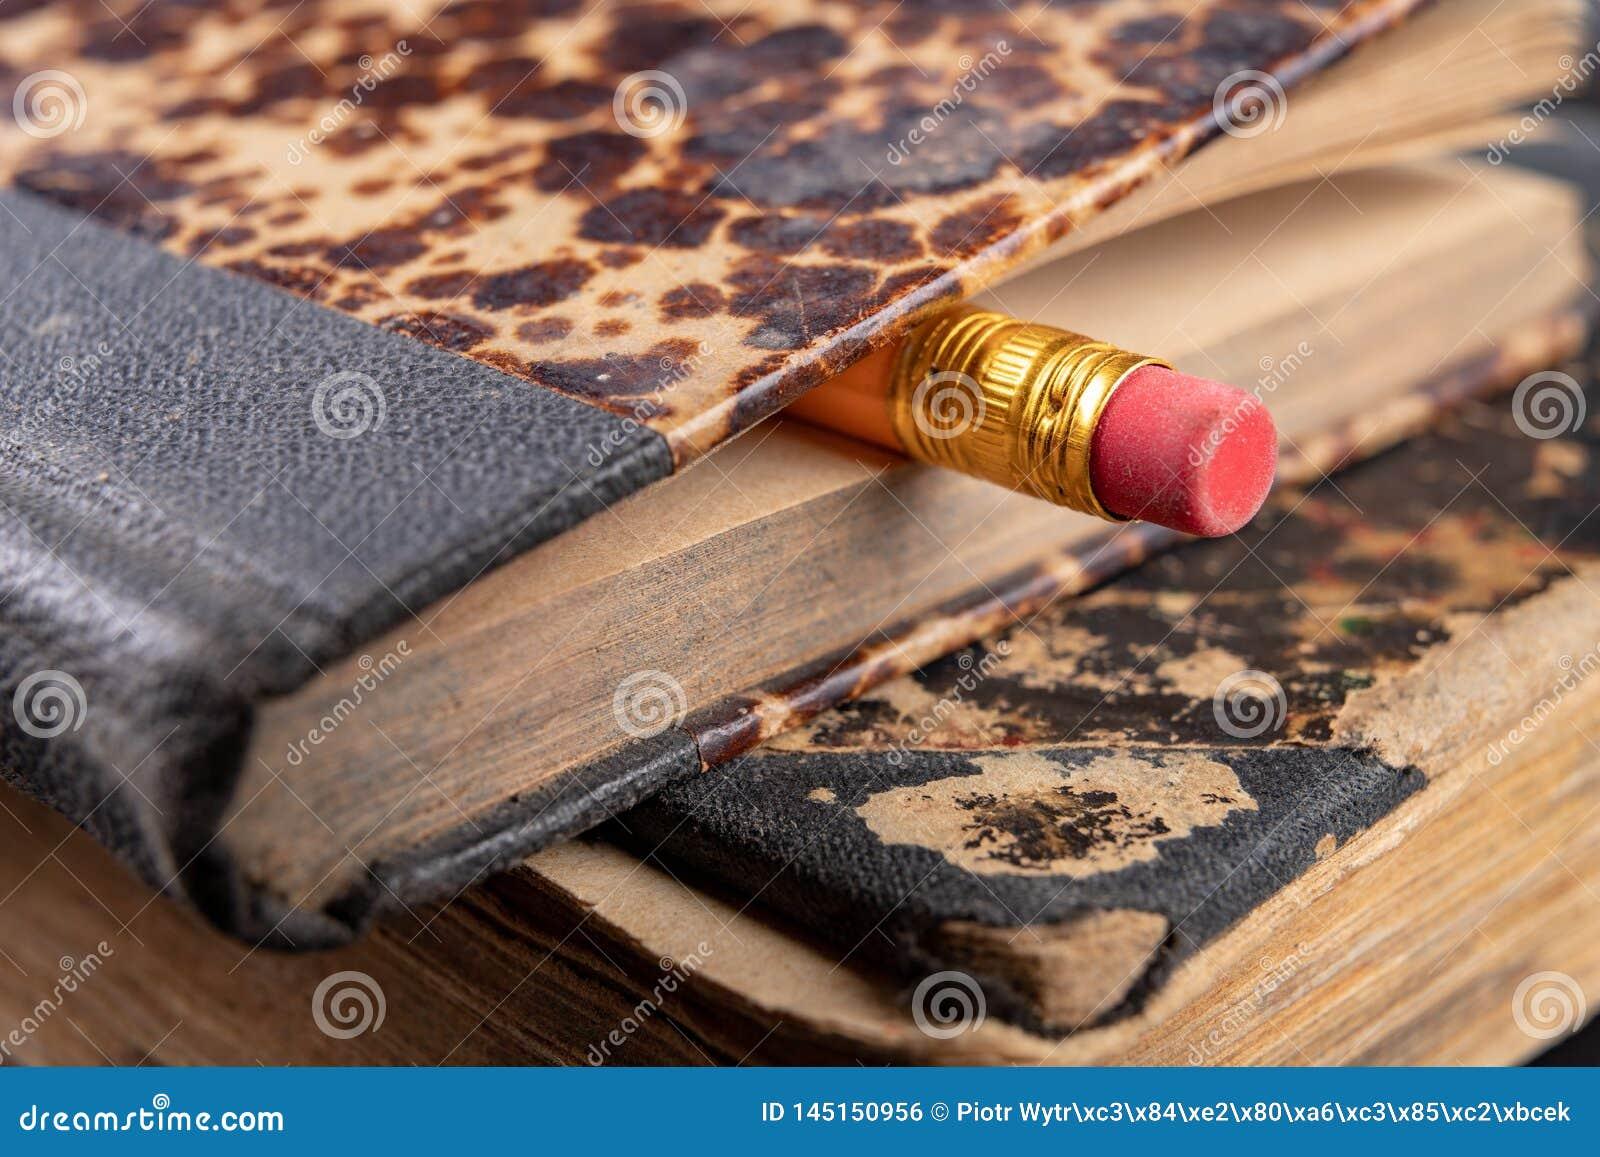 Γόμα που δεσμεύεται σε ένα μολύβι και ένα παλαιό βιβλίο Γράφοντας εξαρτήματα και βιβλία σε έναν παλαιό πίνακα